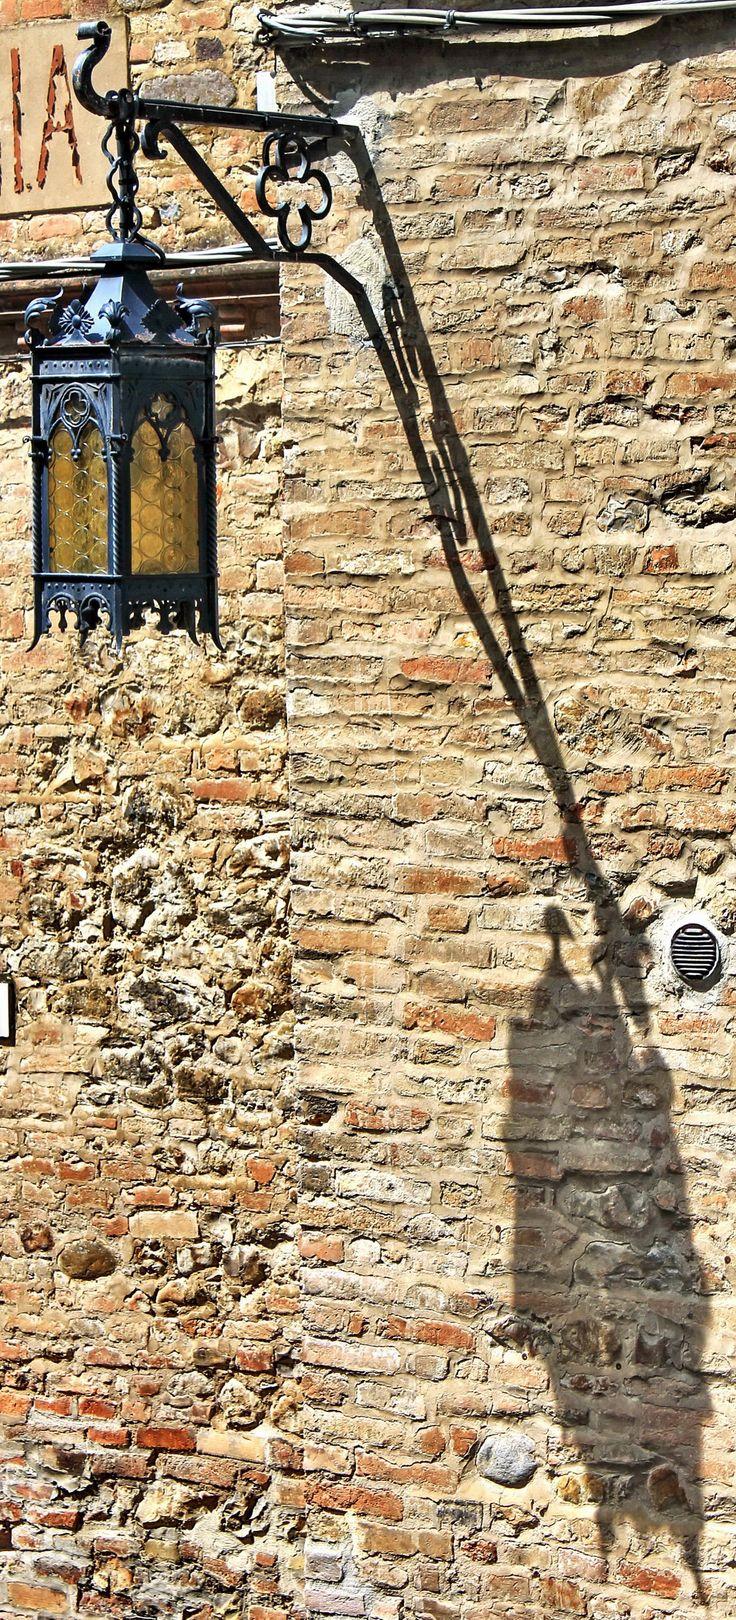 TABIANO CASTELLO – SALSOMAGGIORE TERME (Emilia-Romagna) - Italy - by Guido Tosatto